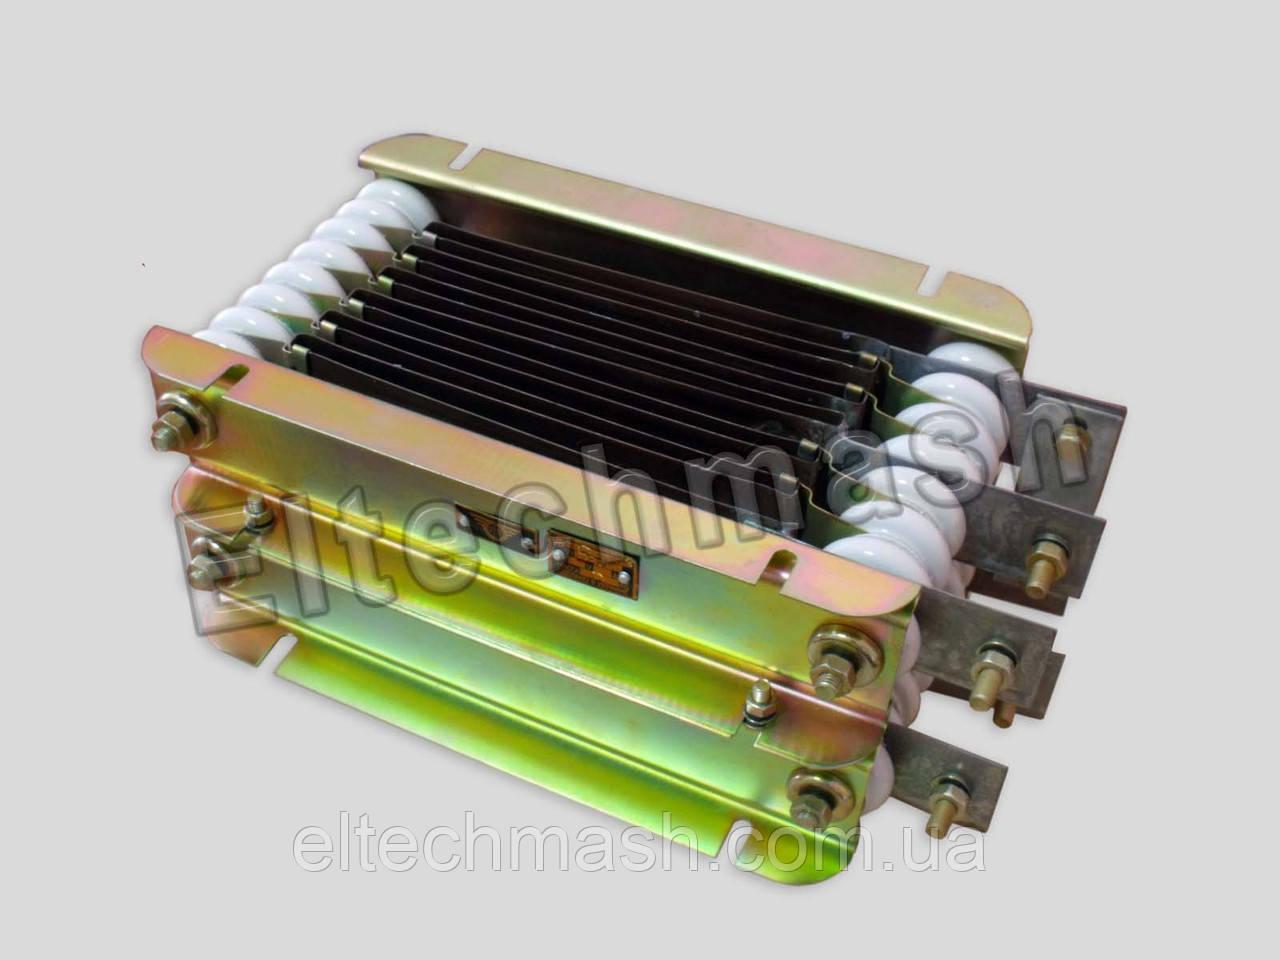 ЛР-9233 УХЛ2, Резистори стрічкові, ИАКВ.434157.010-02